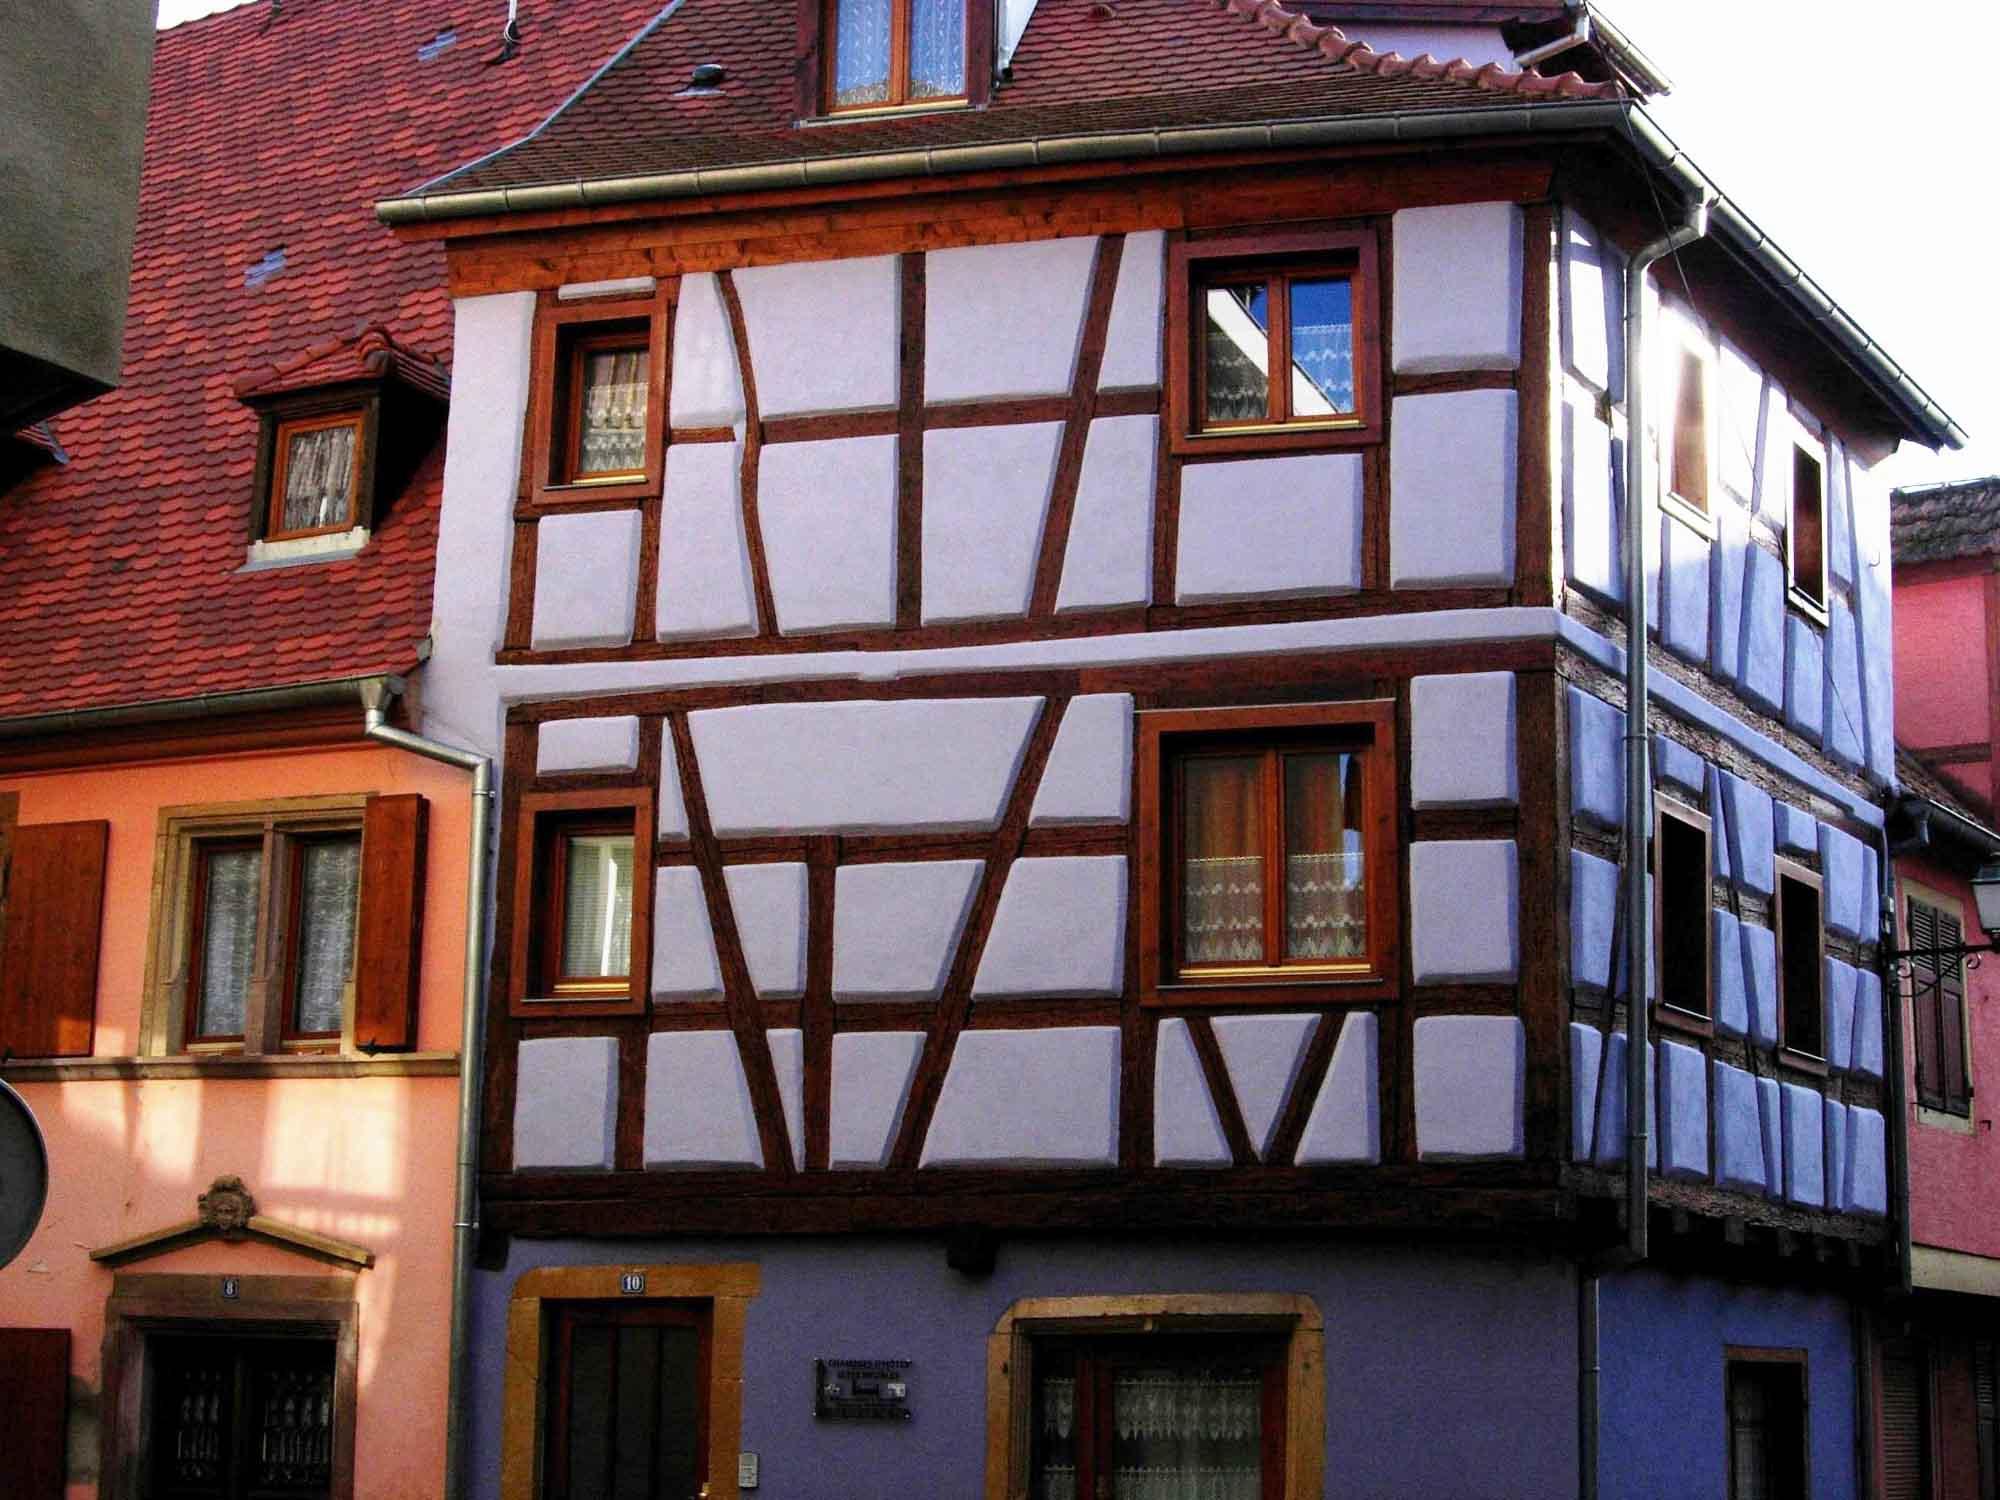 Meublé Bernard Schreiber, Rouffach, Pays de Rouffach, Vignobles et Châteaux, Haut-Rhin, Alsace